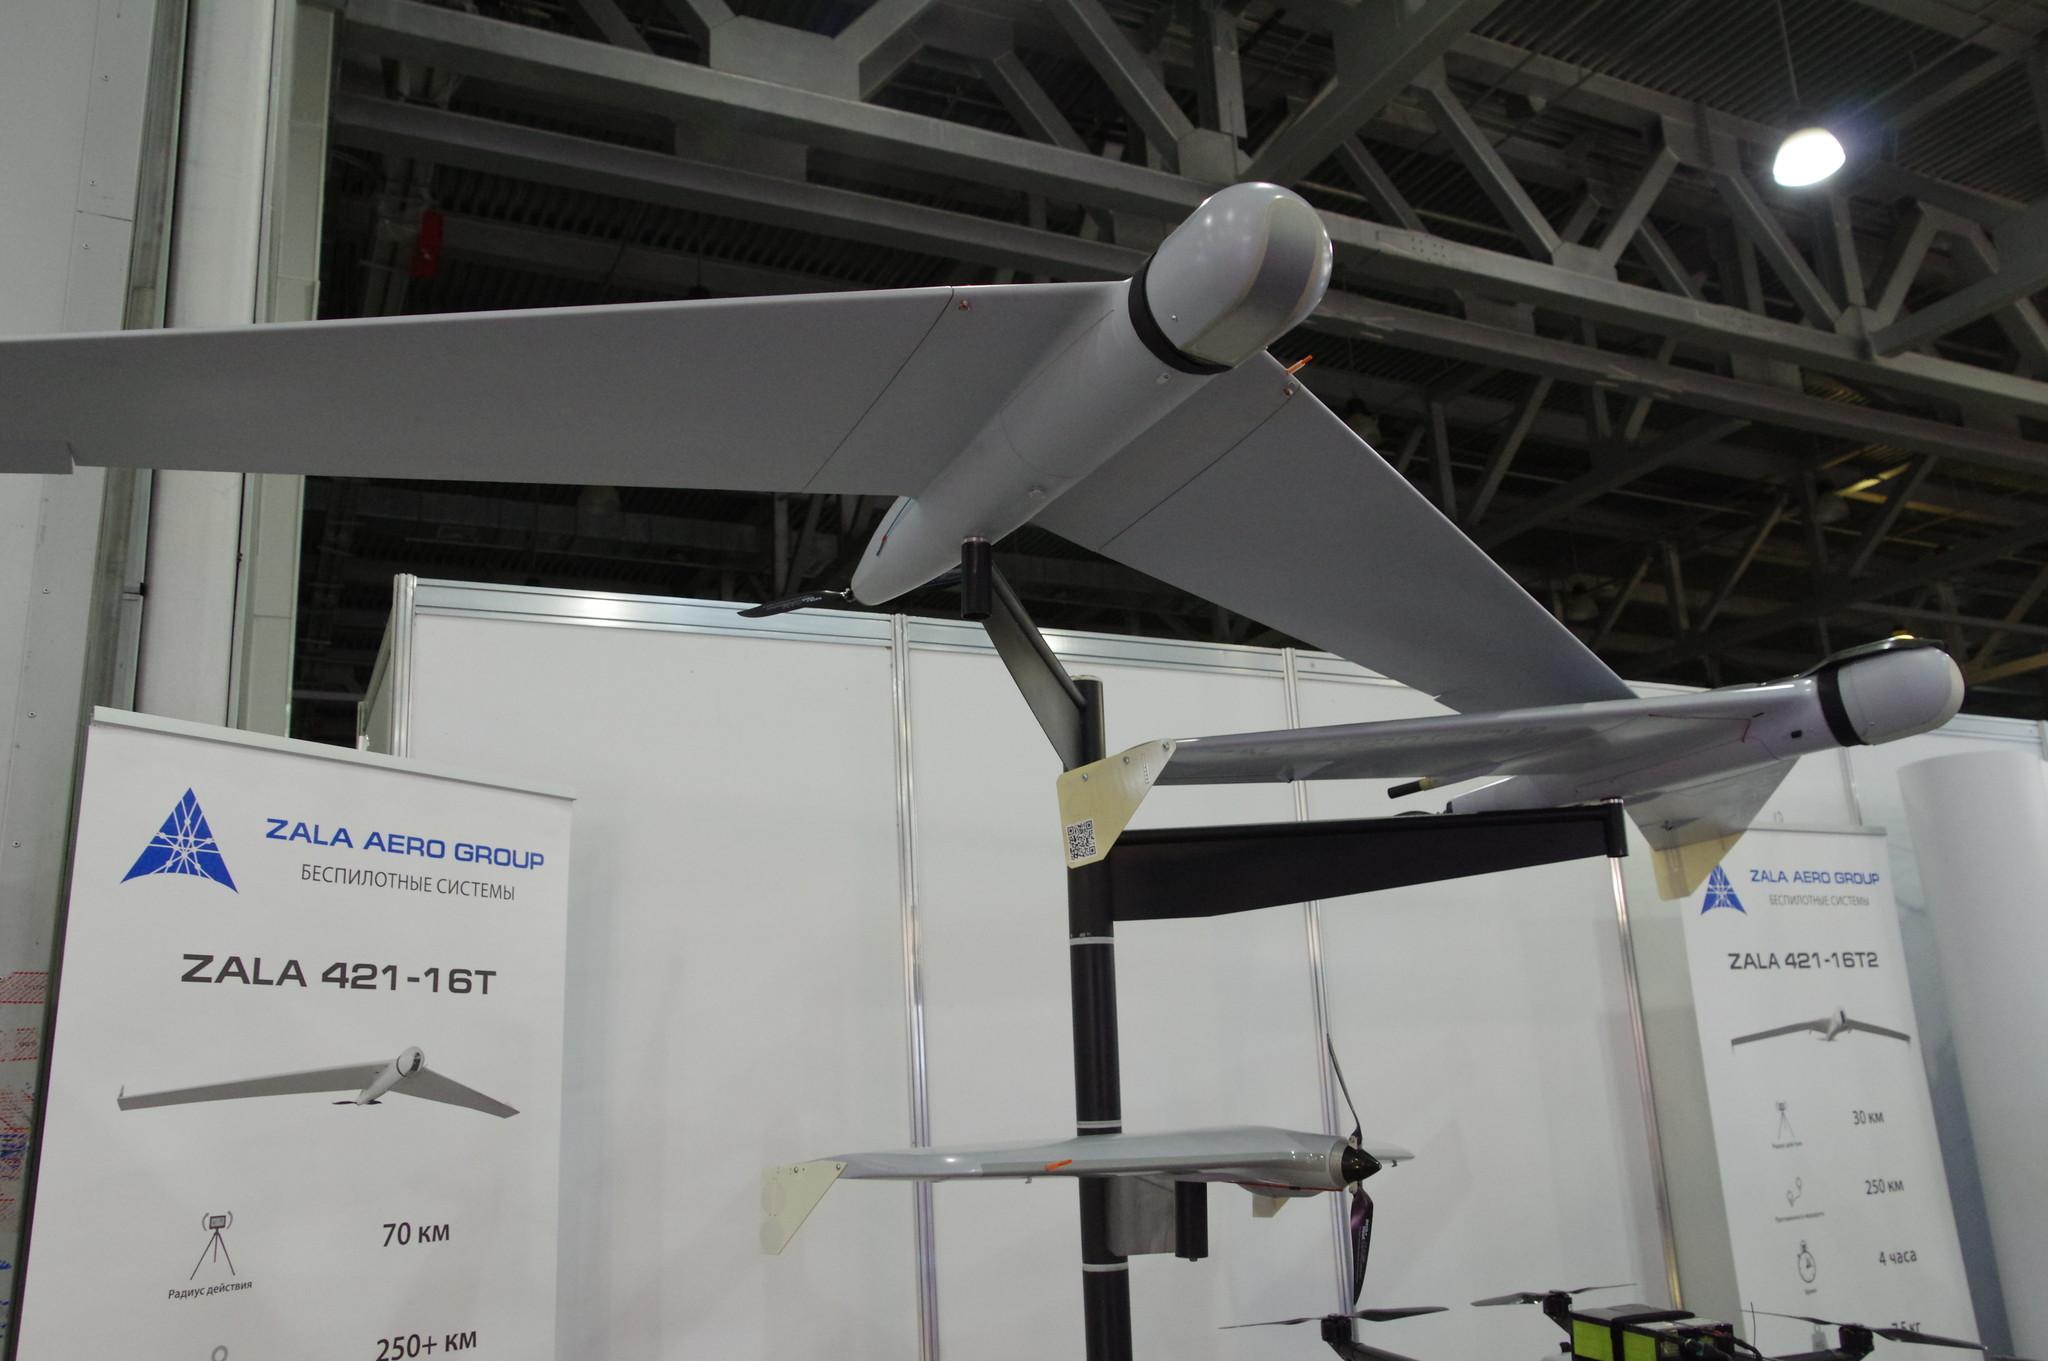 Беспилотные системы ZALA AERO GROUP